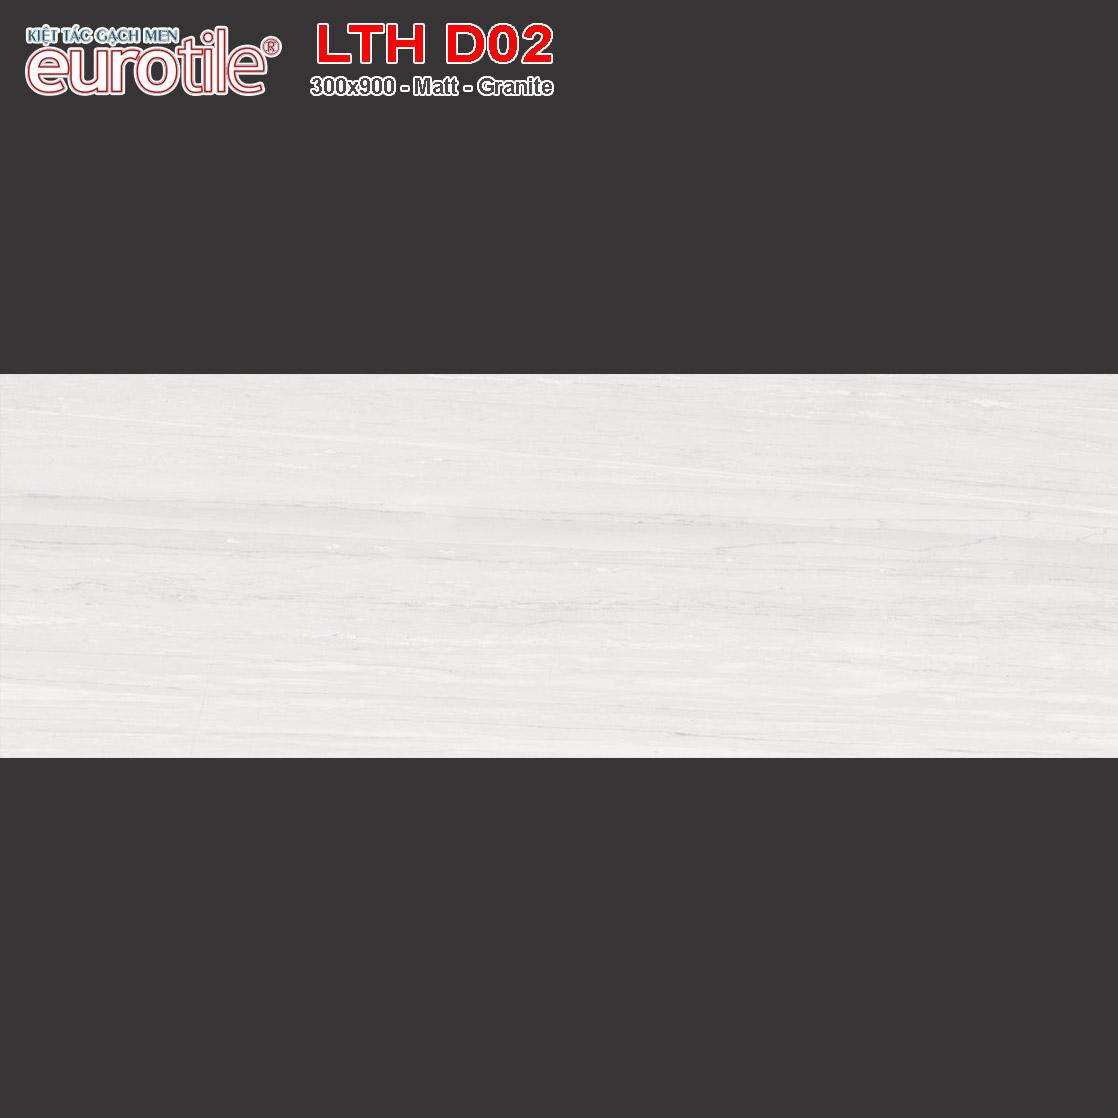 Gạch ốp lát 300x900 Eurotile Lưu Thủy LTH D02 giá rẻ